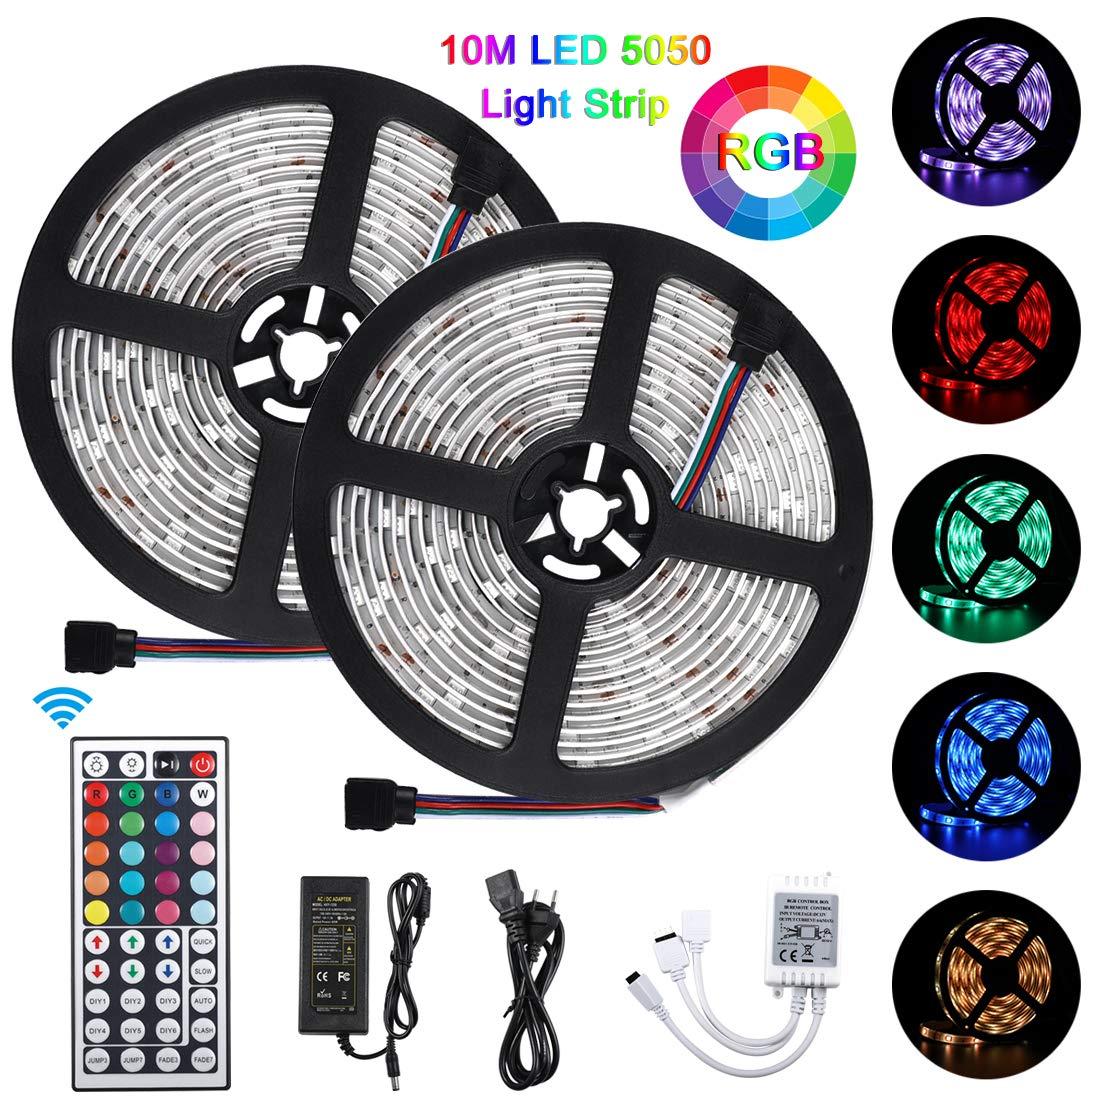 10M Bluetooth Tiras LED Musical 5050 RGB, Akapola Tiras de Luces LED Iluminación con 12V 300 LEDS, Función Musical, Horario Personal, Control de APP y de Control Remoto, Impermeable IP65, Adaptador.